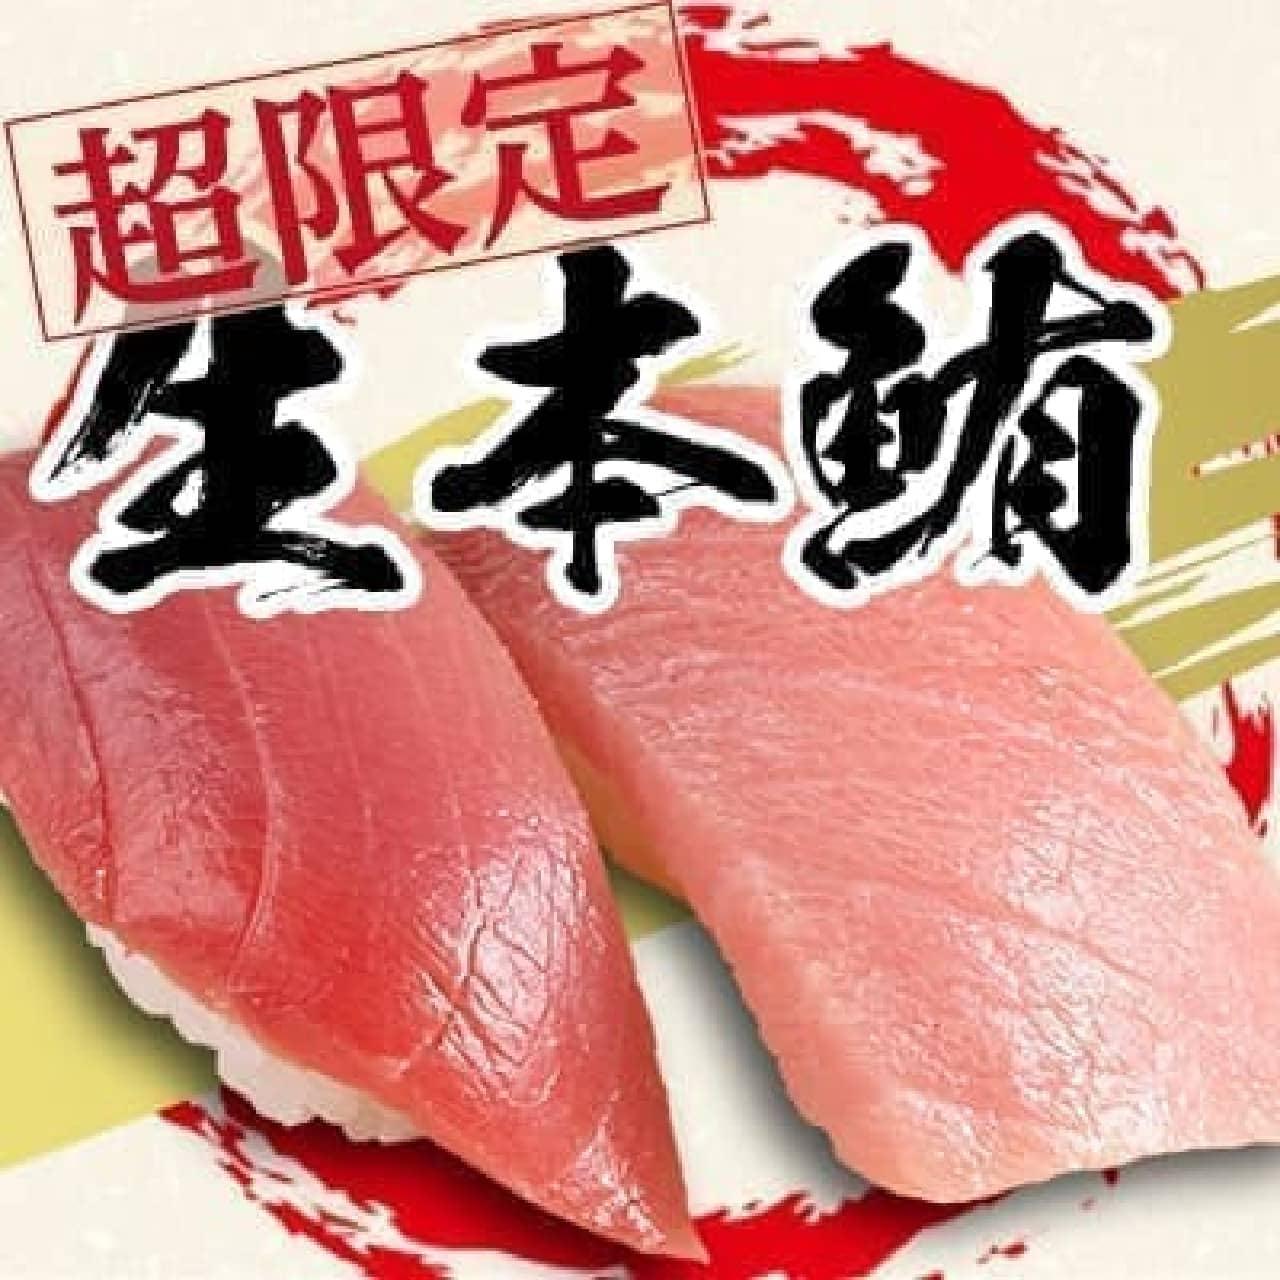 かっぱ寿司「限界突破フェア」第1弾「生本鮪」